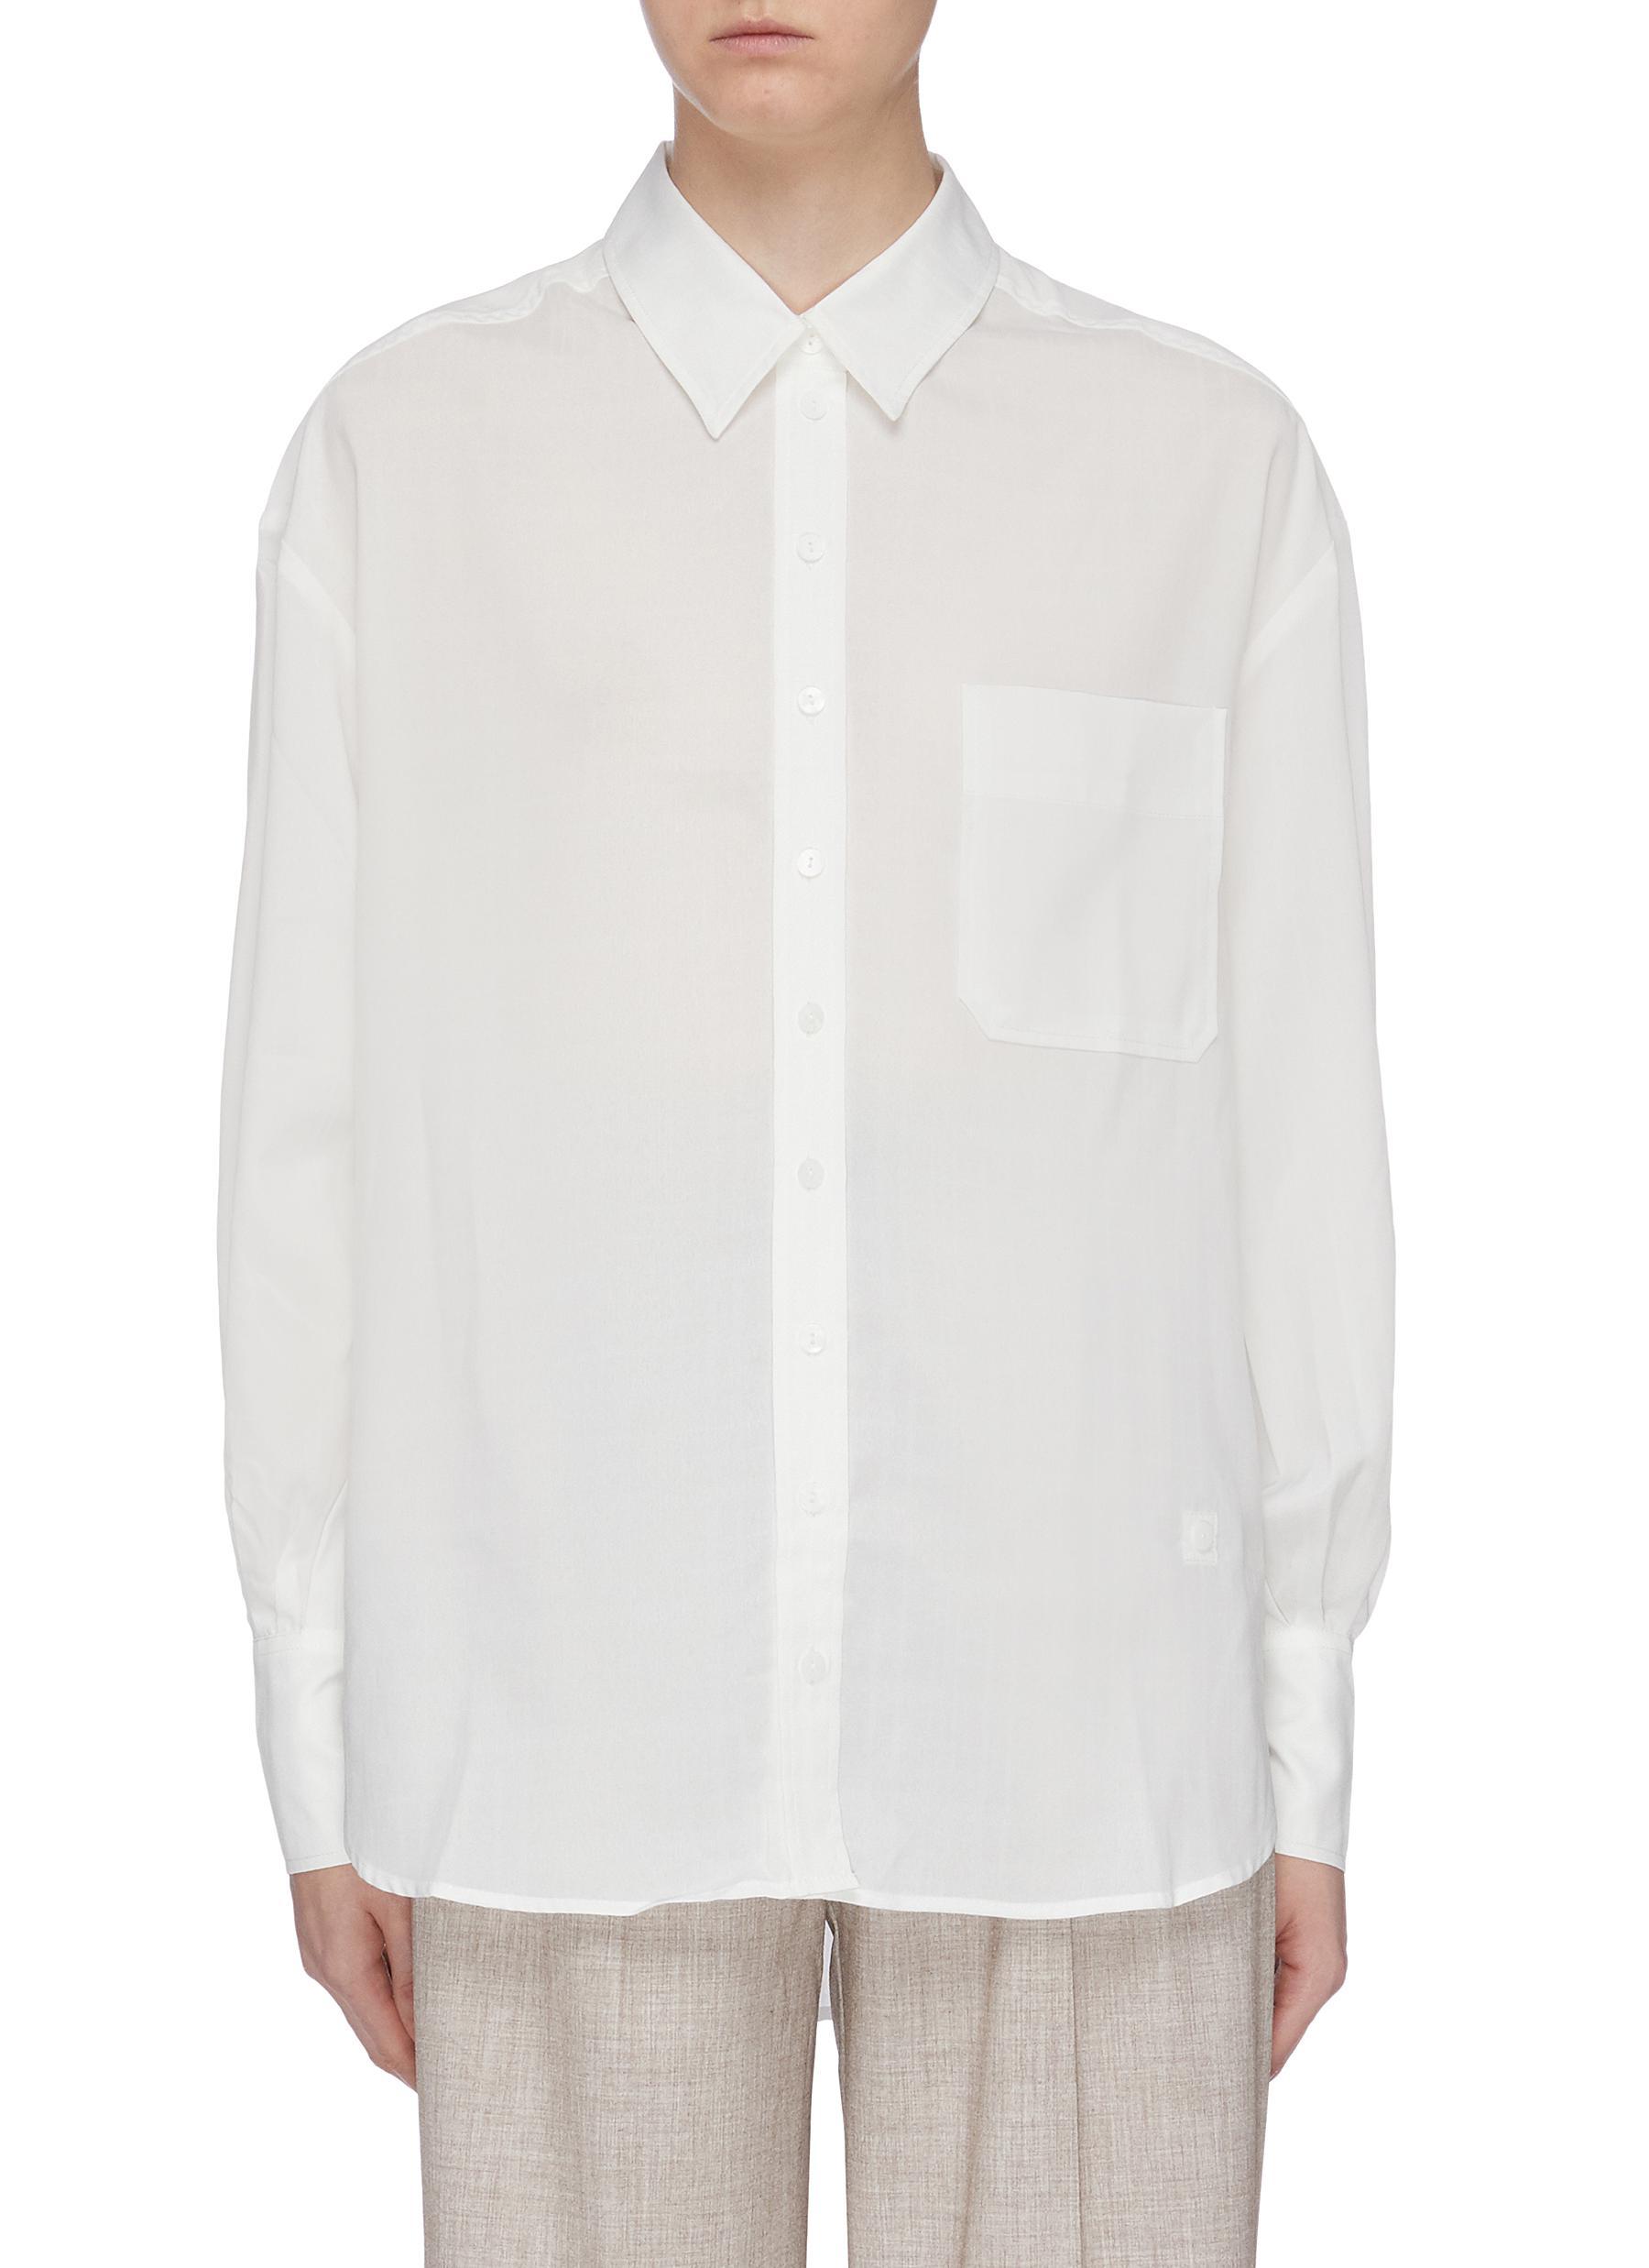 Patch pocket oversized shirt by Mijeong Park